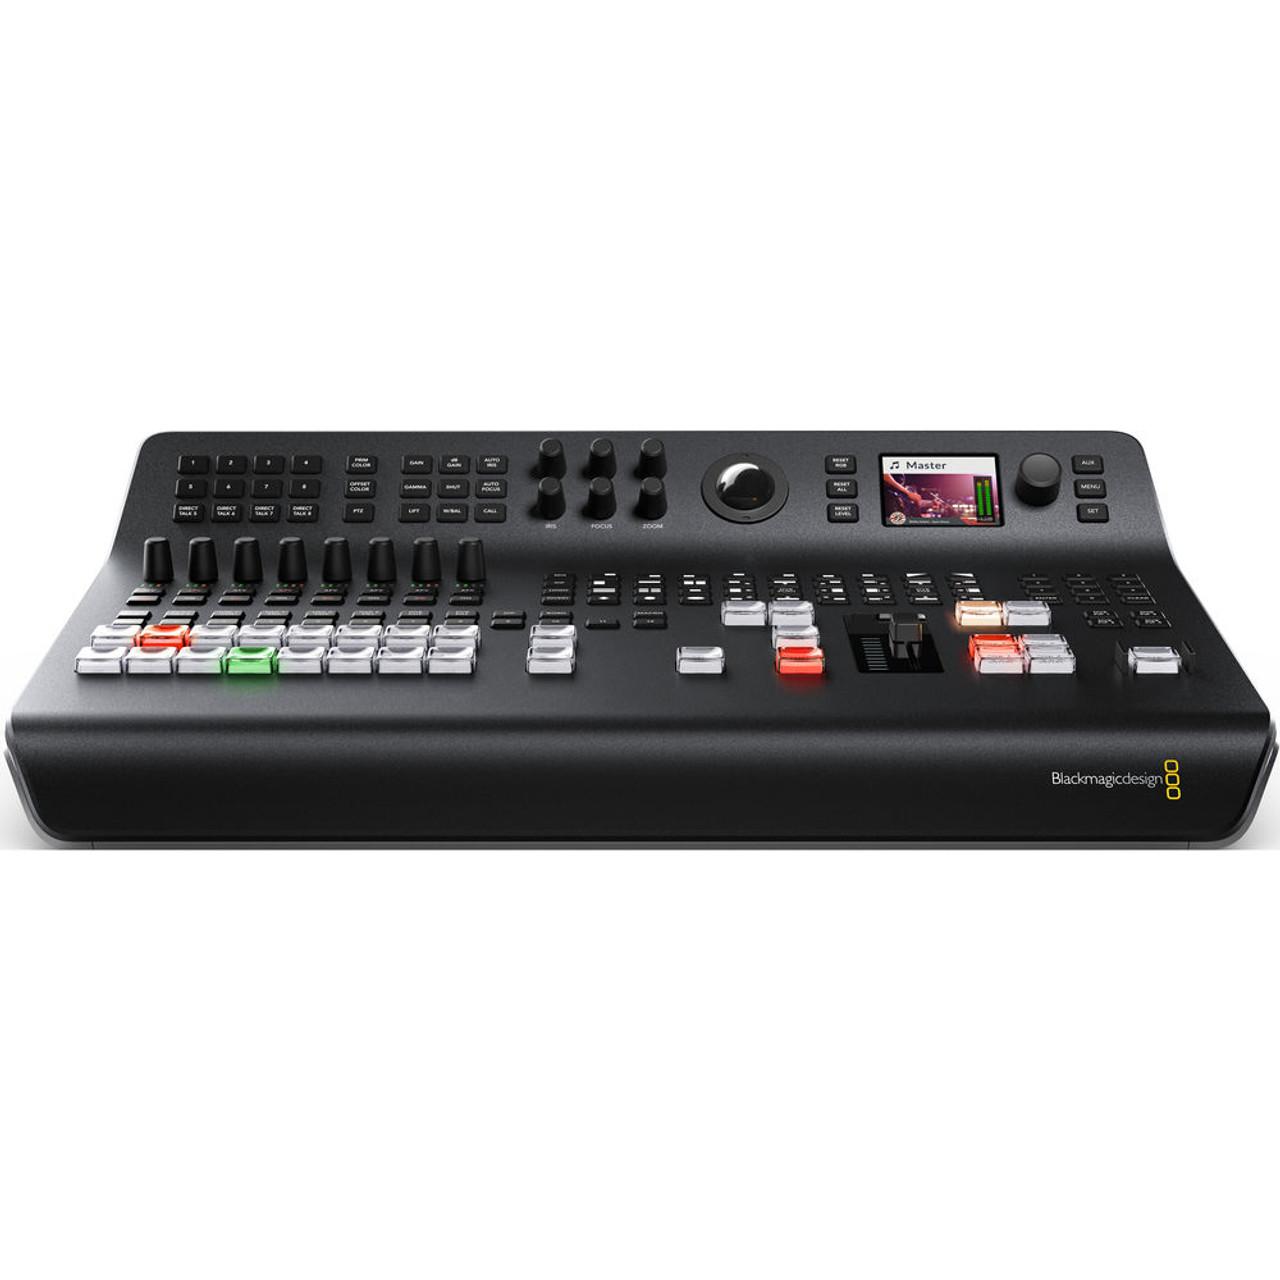 Blackmagic Design Atem Television Studio Pro Hd Live Production Switcher Auckland Nz